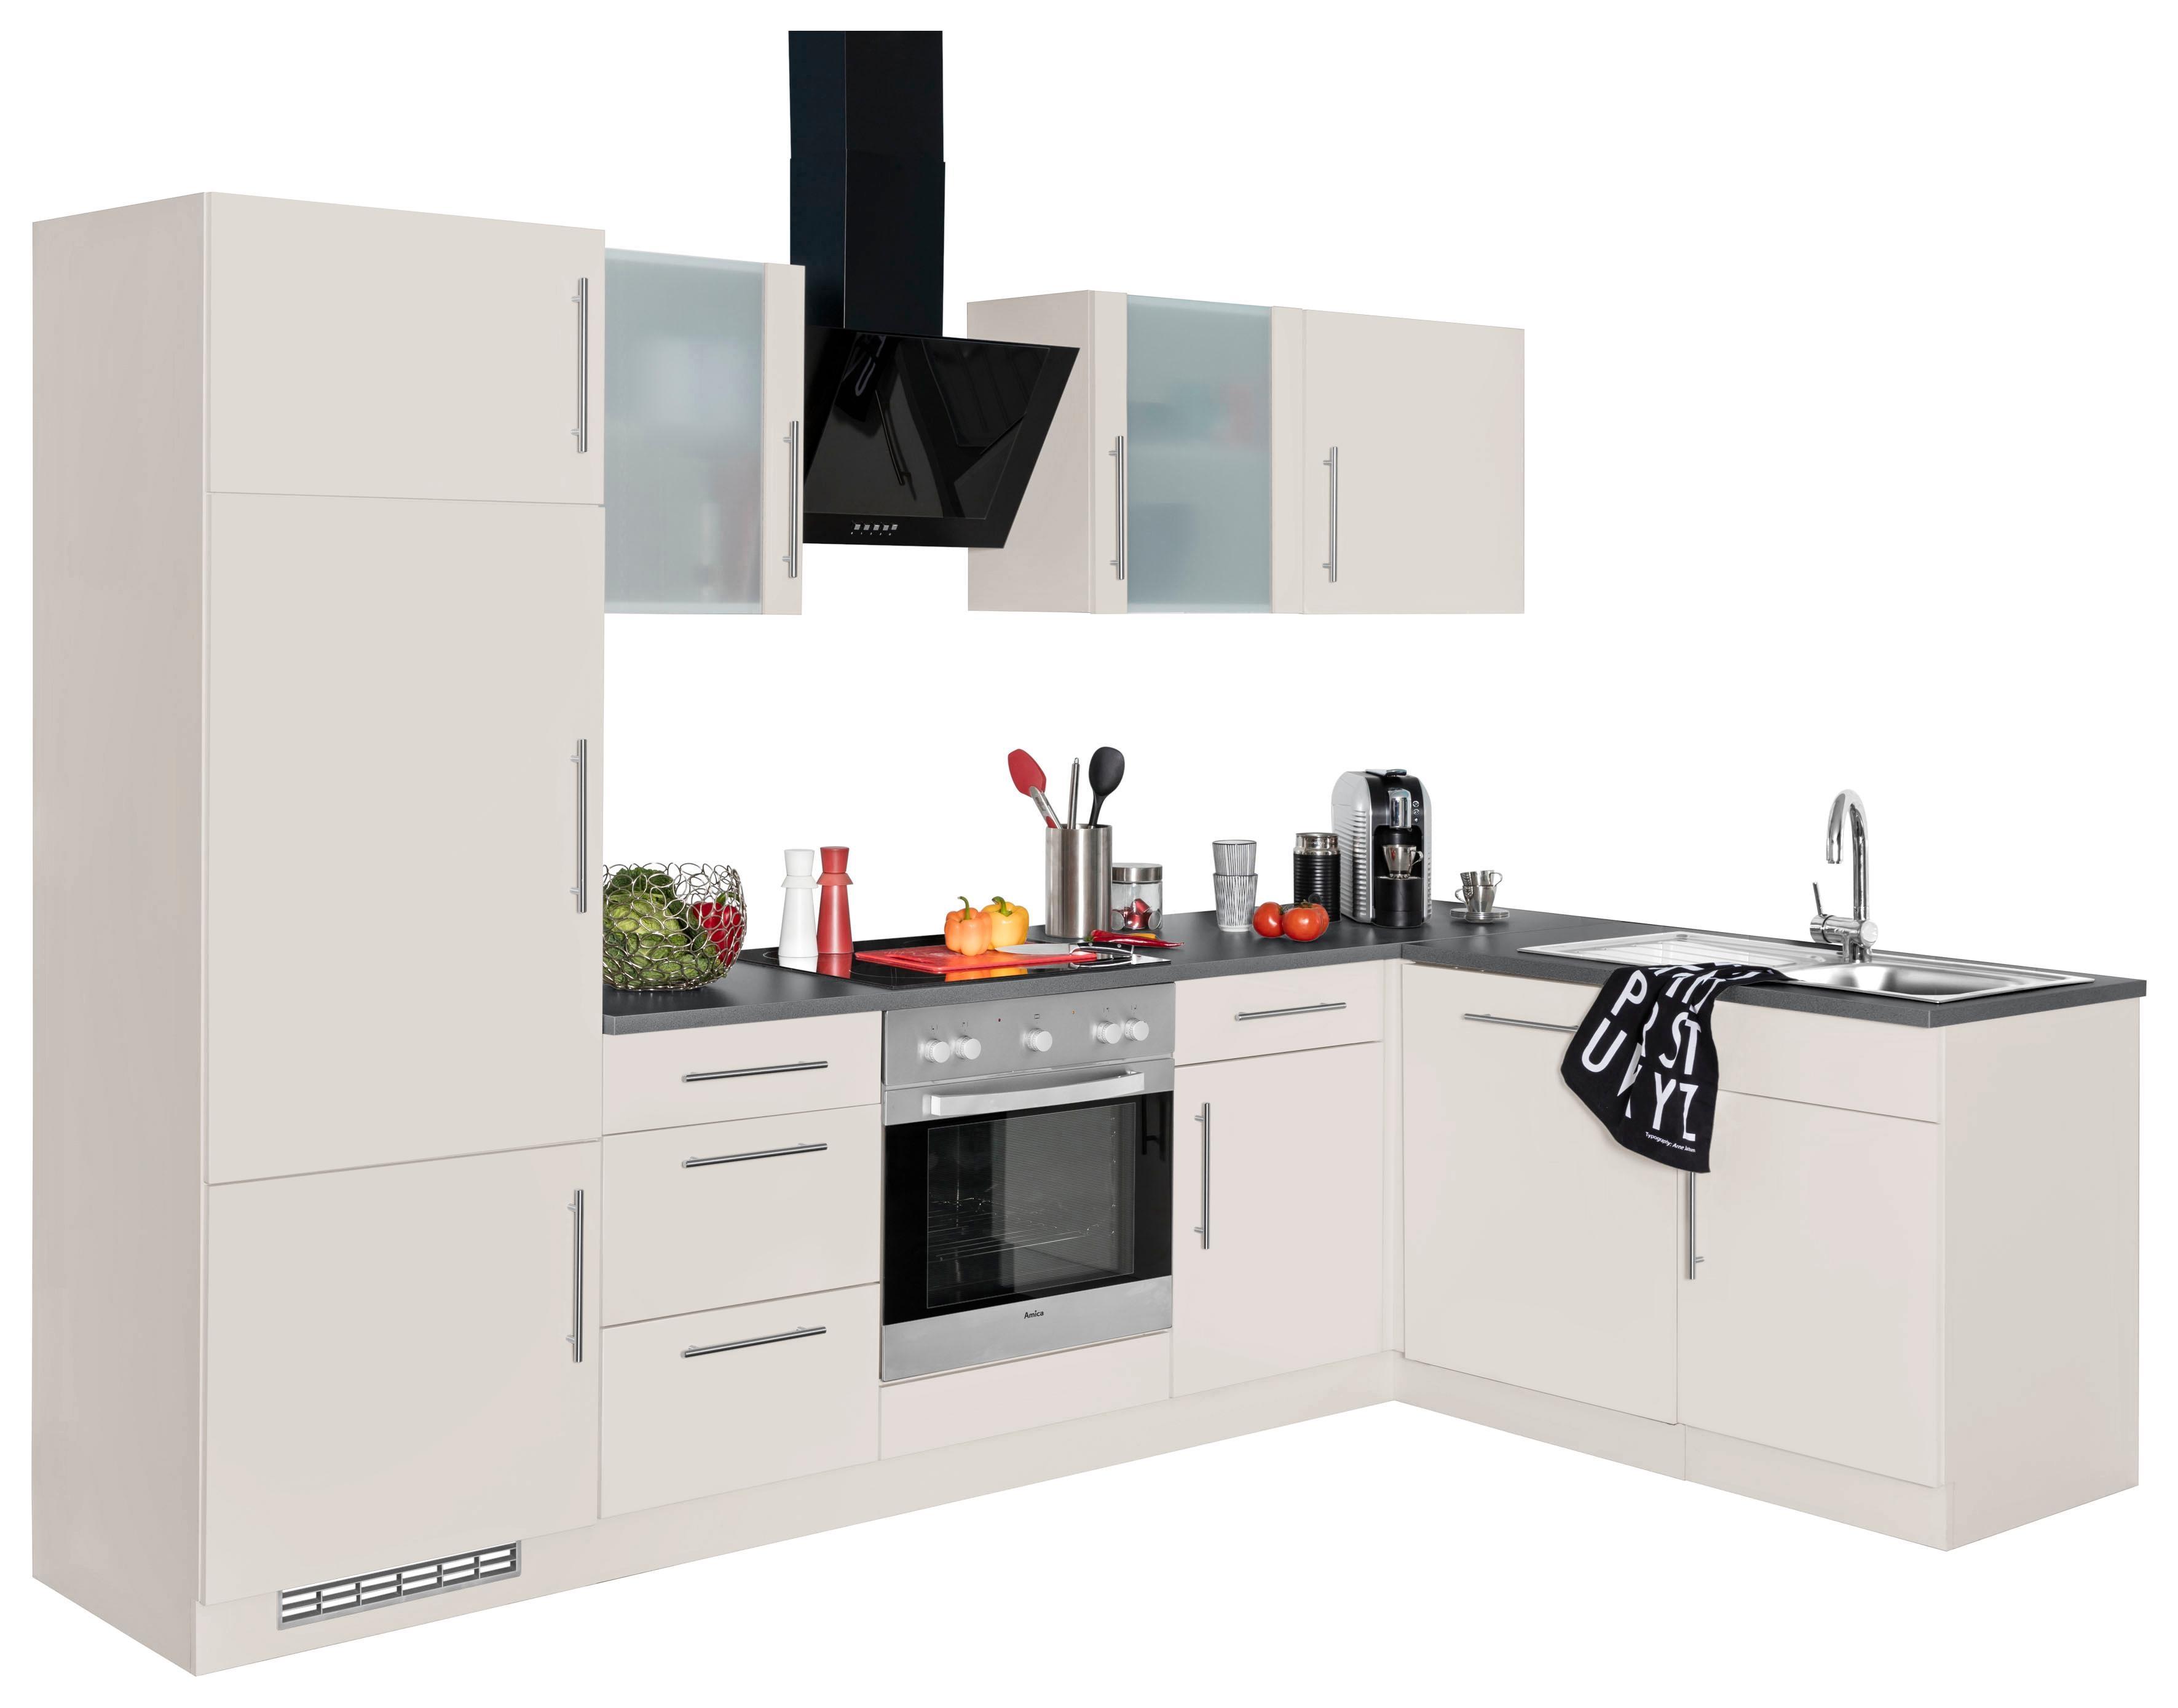 wiho Küchen Winkelküche »Cali« | Küche und Esszimmer > Küchen > Winkelküchen | WIHO KÜCHEN